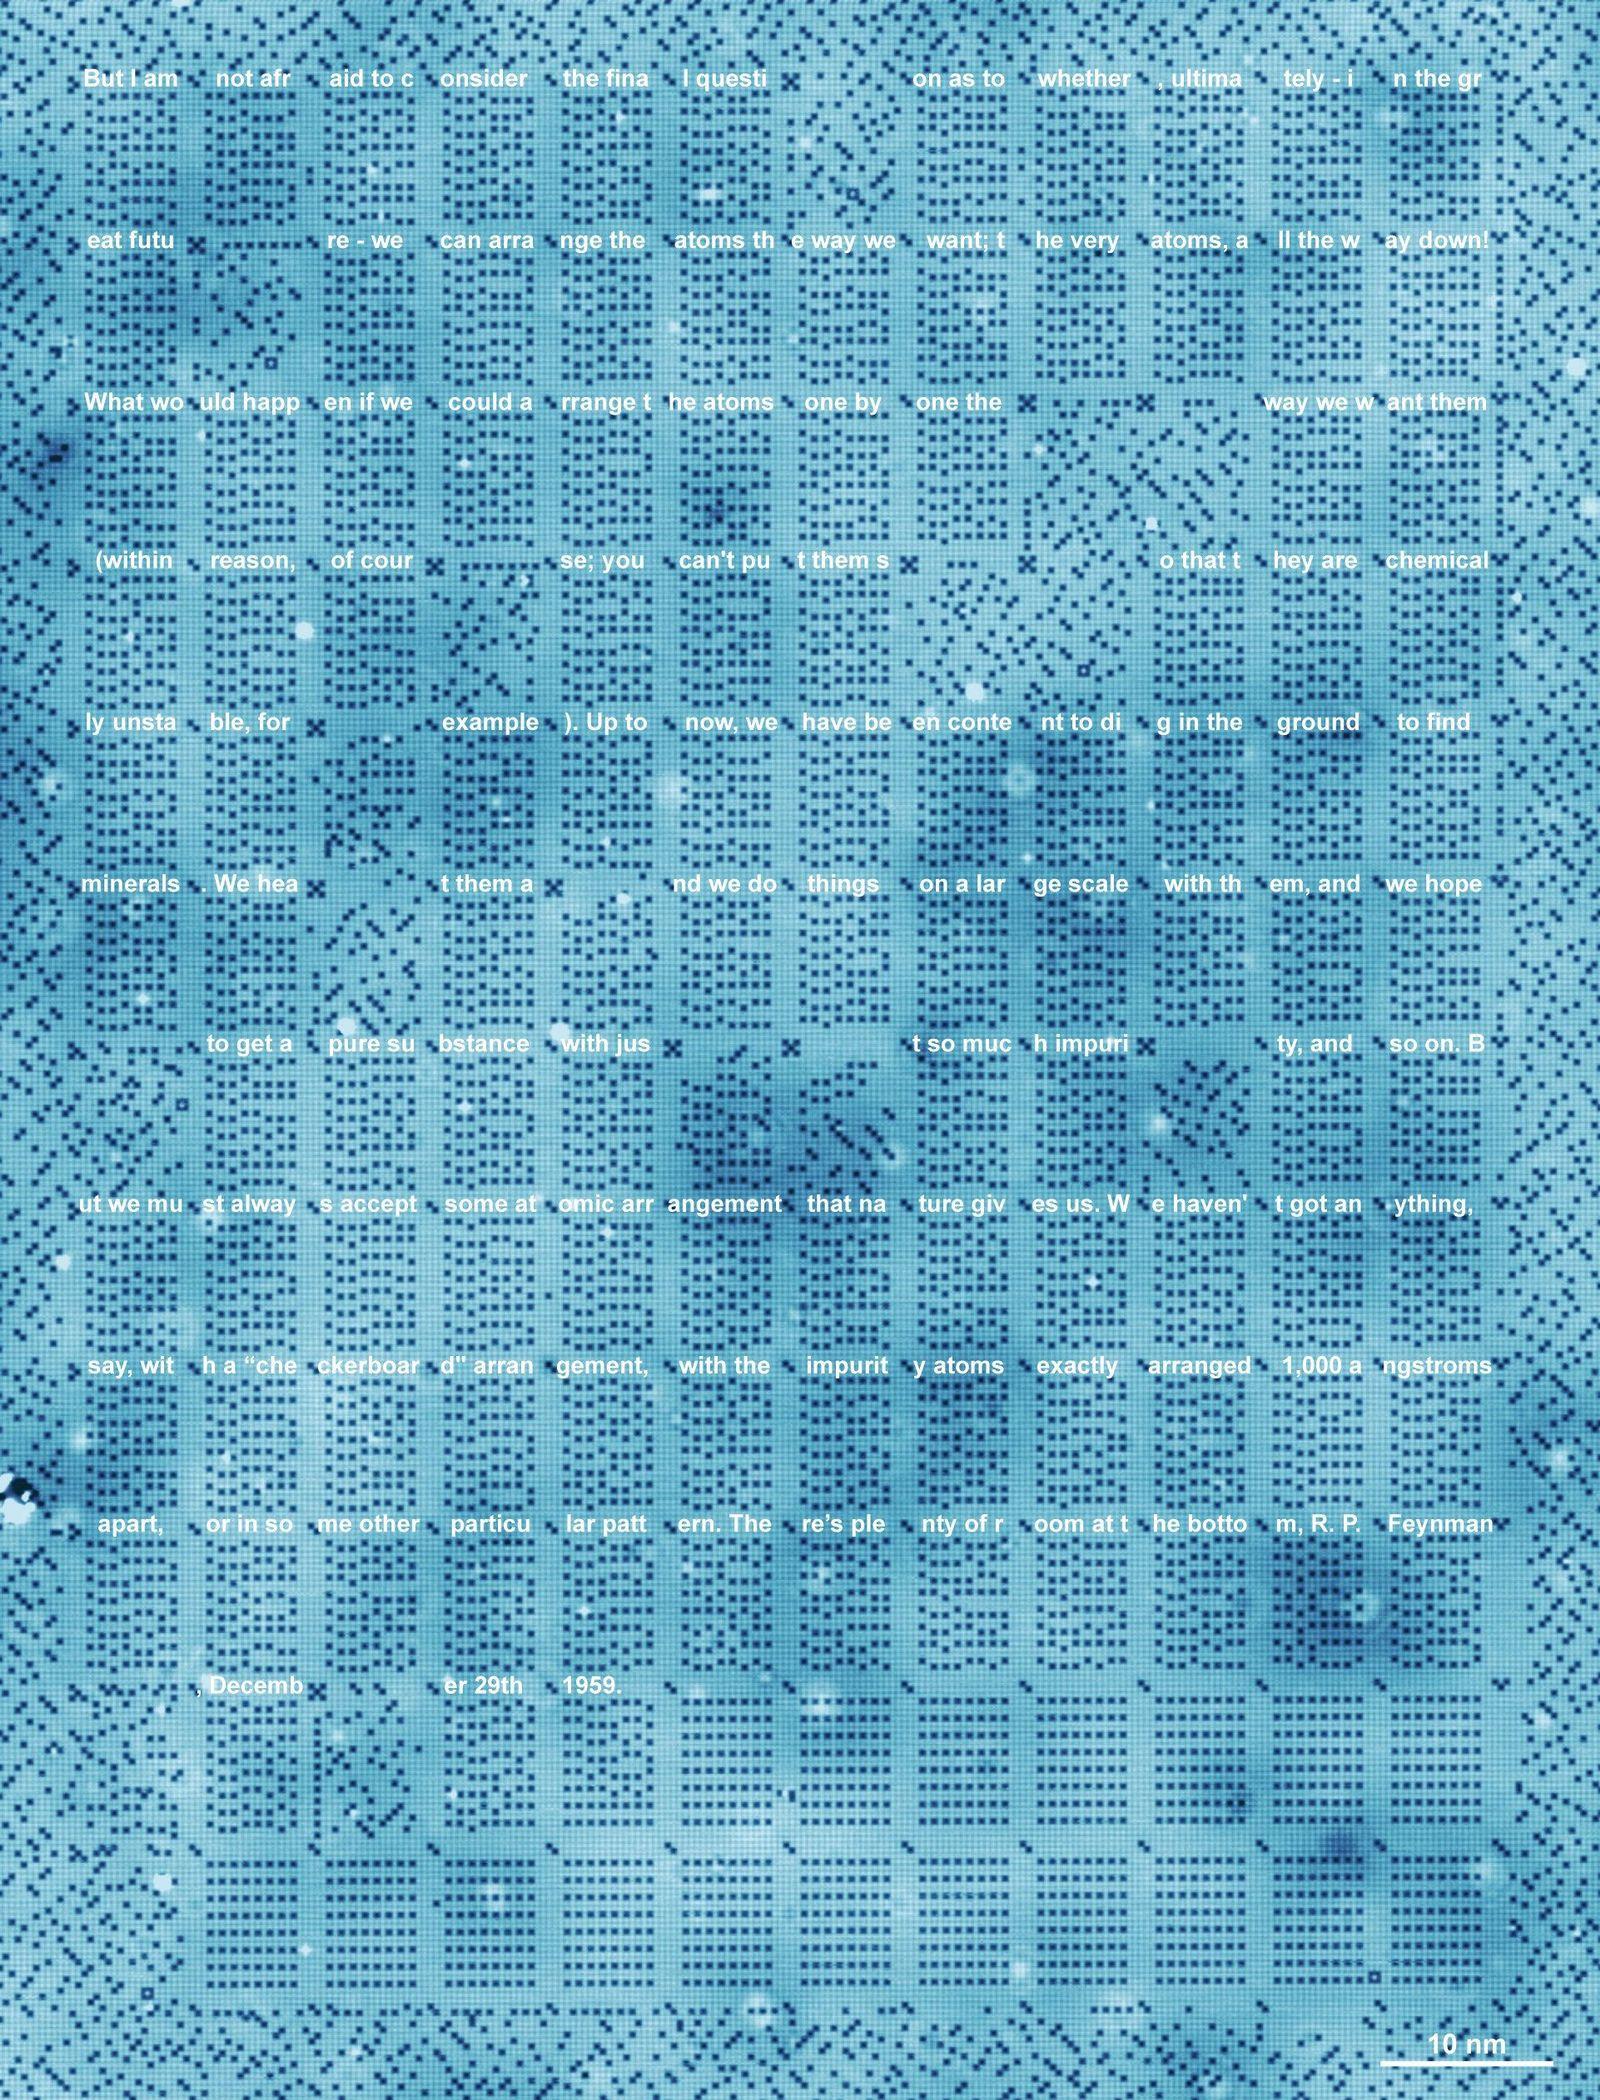 Datenspeicher auf Chloratomgitter - SPERRFRIST 17 Uhr